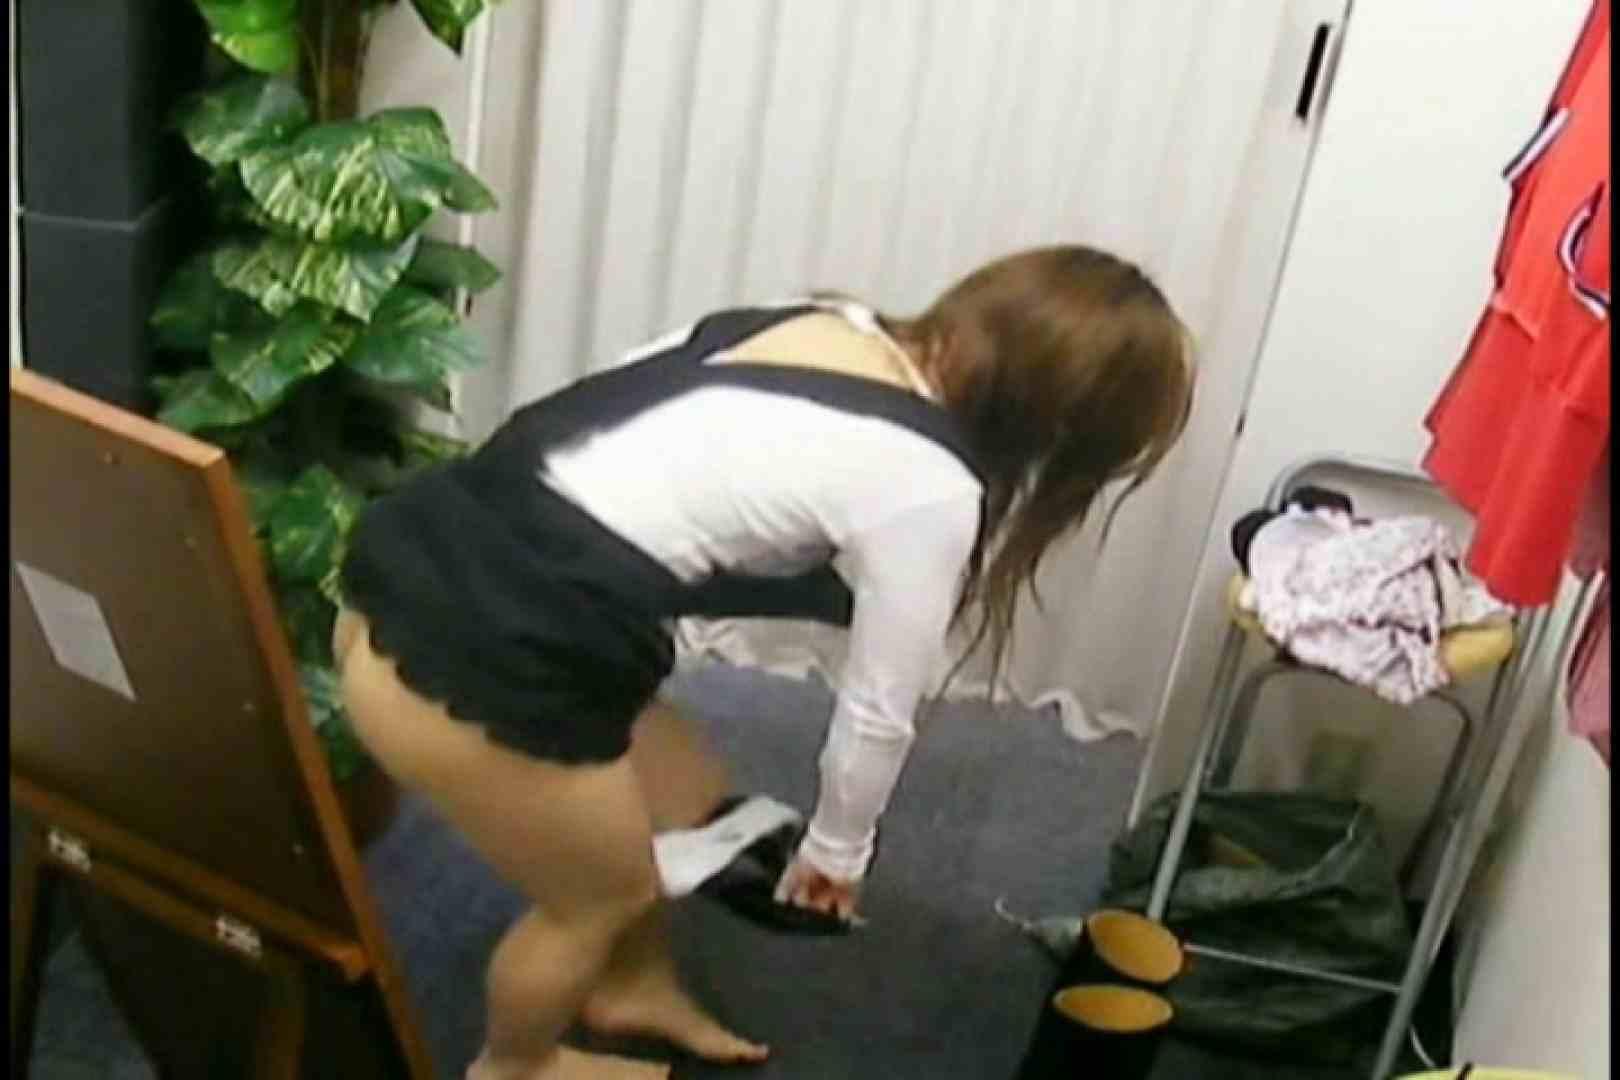 素人撮影 下着だけの撮影のはずが・・・ よしこ23歳 すけべな水着 おめこ無修正画像 82pic 5